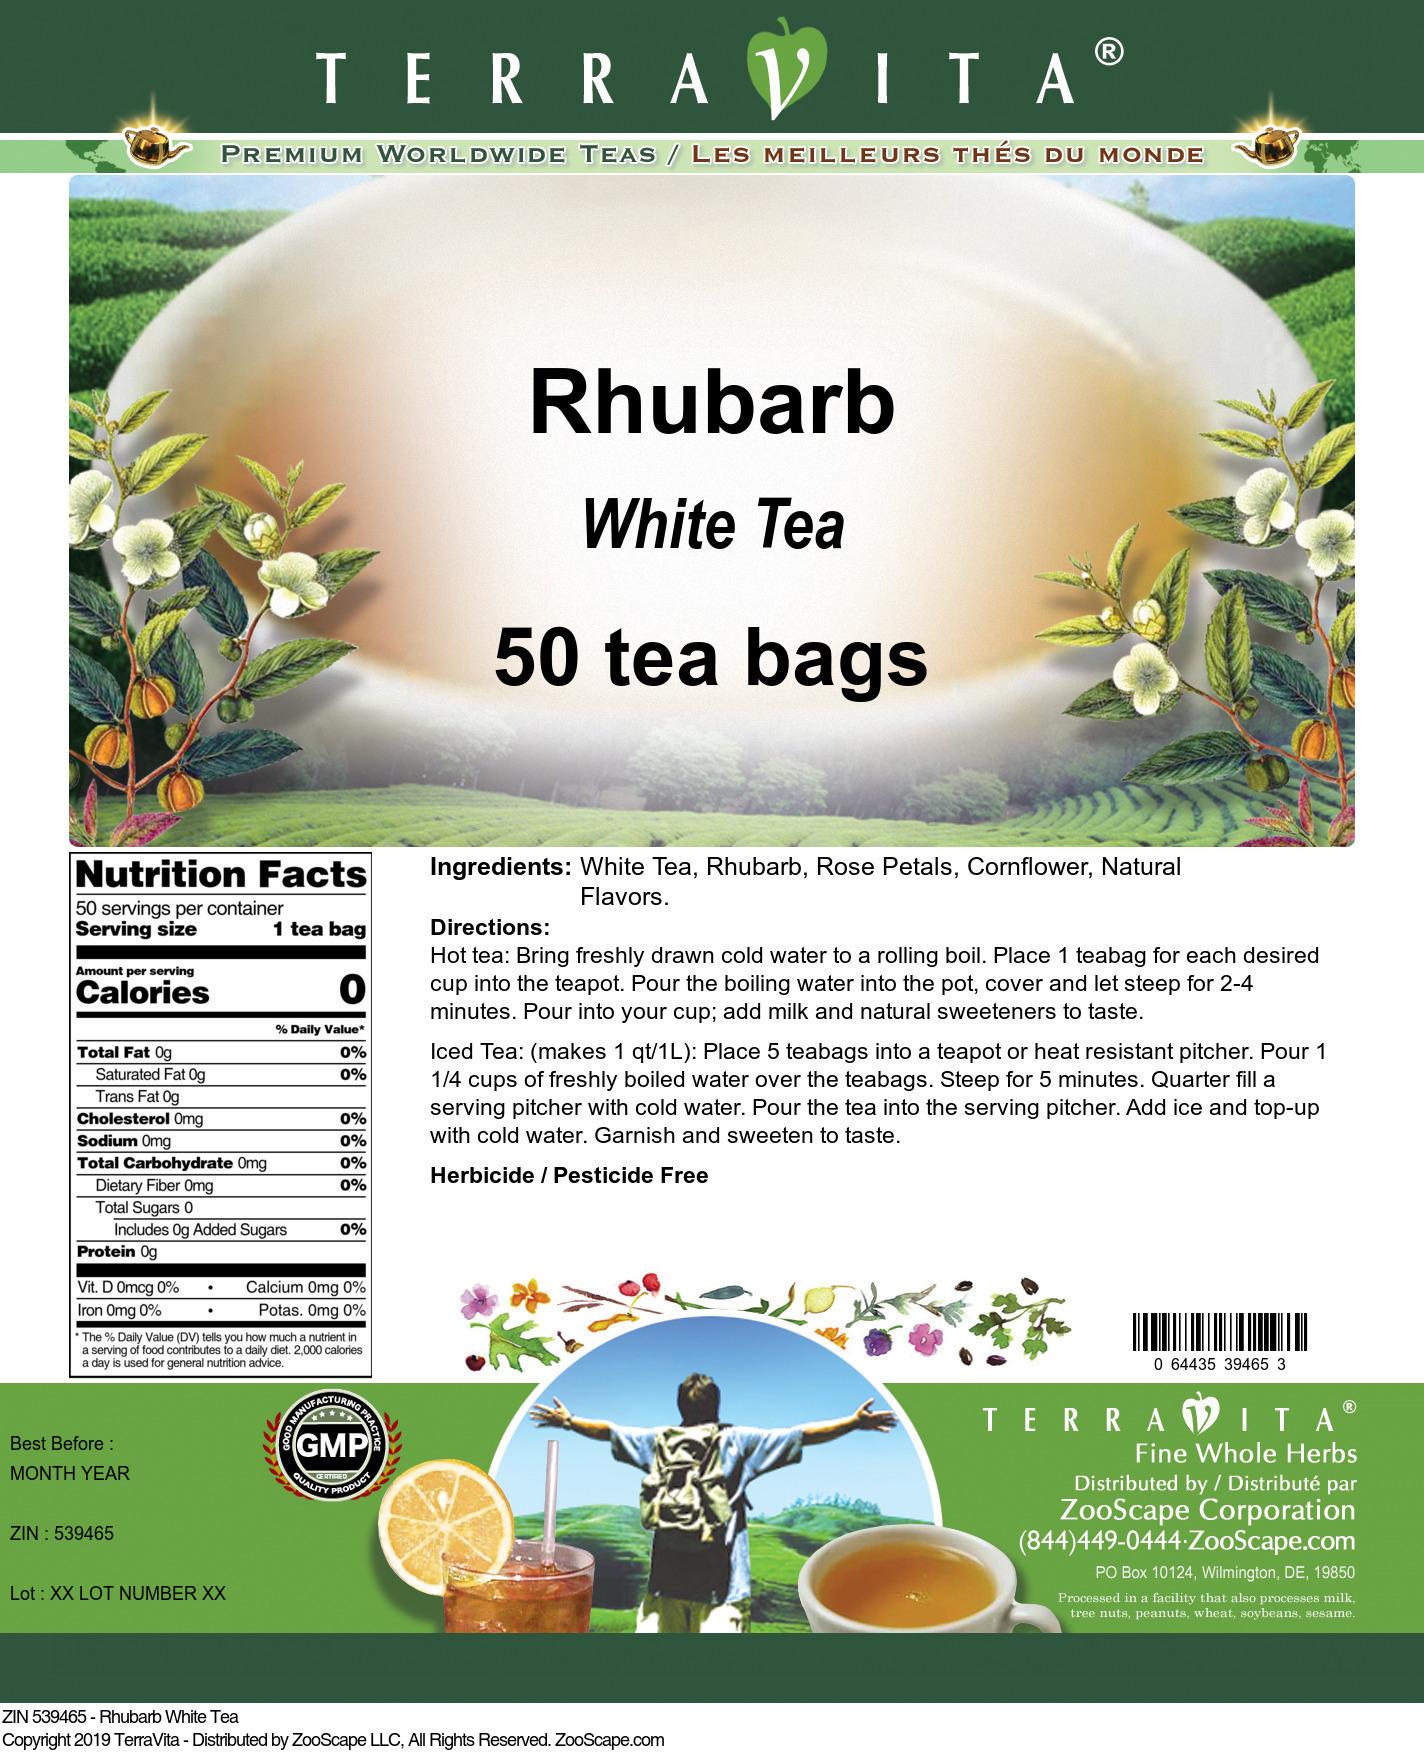 Rhubarb White Tea